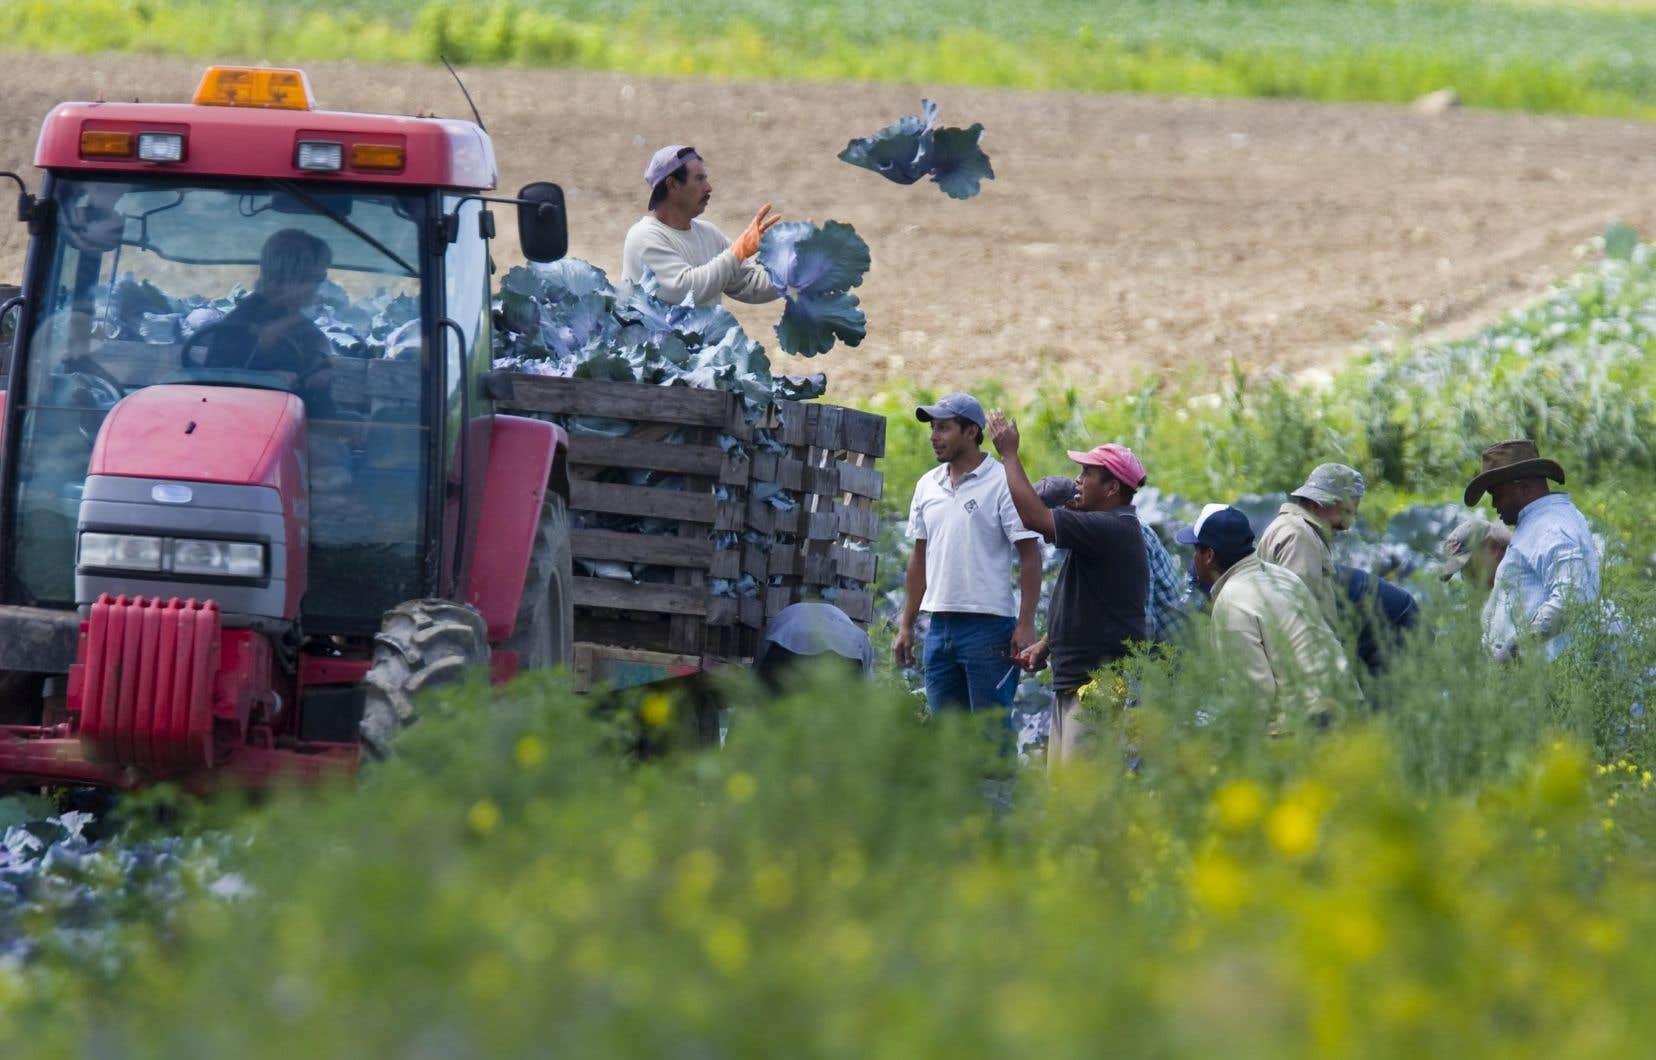 Des mesures aideront les travailleurs temporaires déjà au Québec — dans le milieu agricole, par exemple — ainsi que leurs conjoints, à bénéficier de services publics pour trouver du travail permanent dans la province.